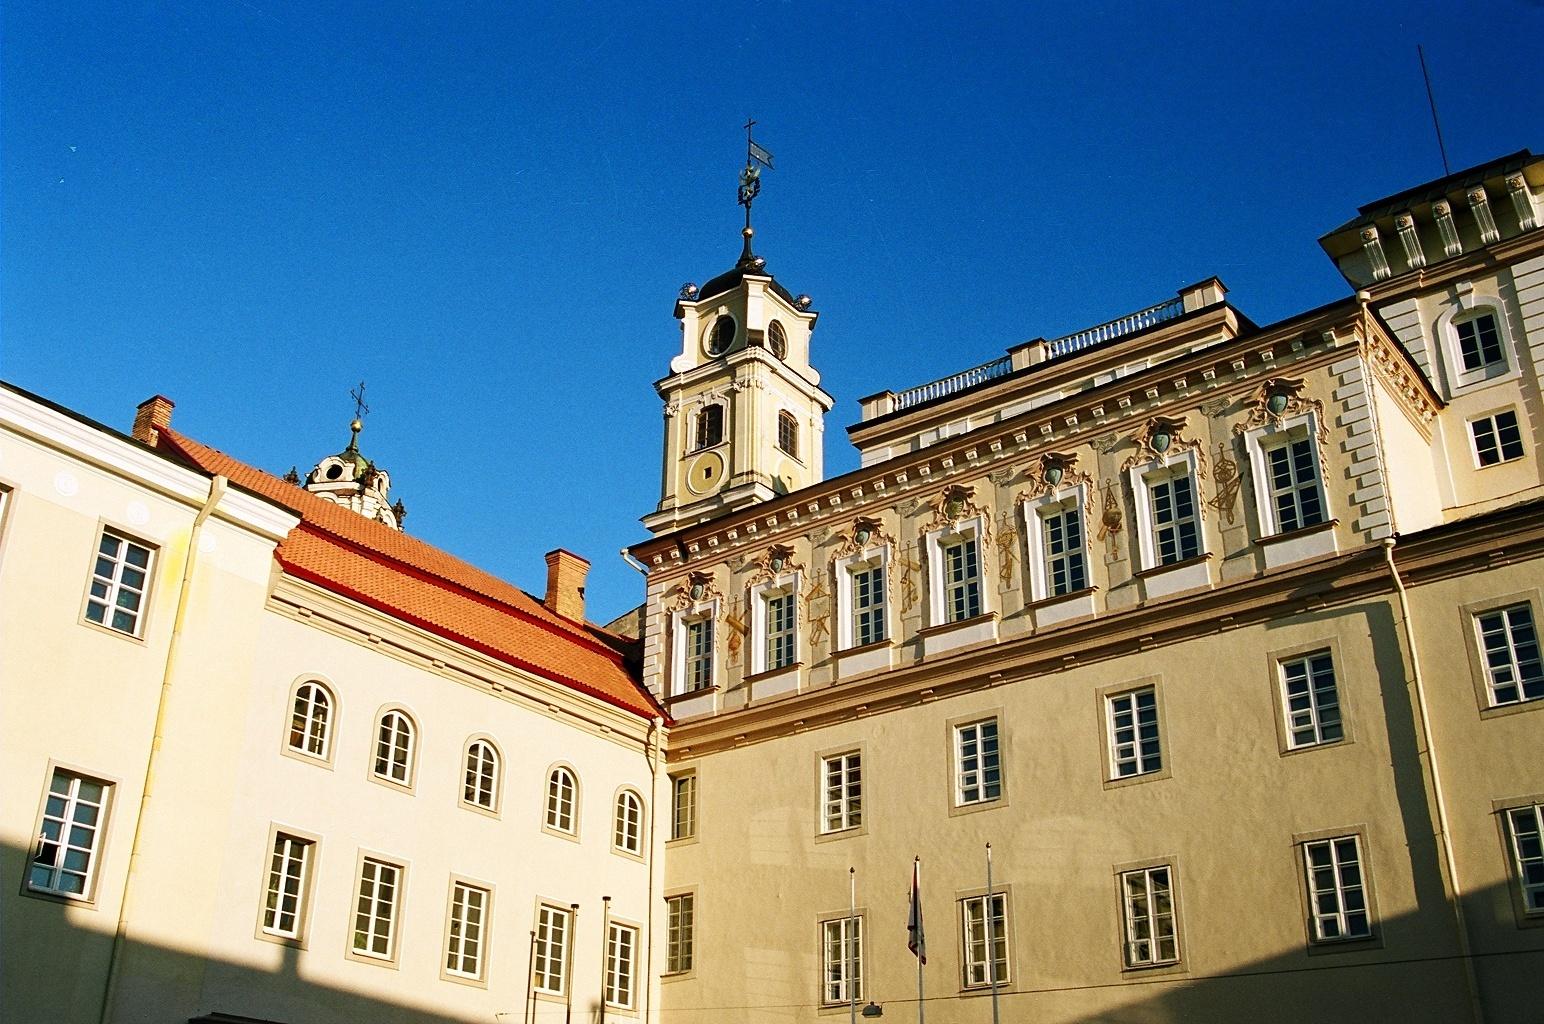 Vilniaus universitetas turės atlyginti žalą per praktiką žuvusios studentės tėvams